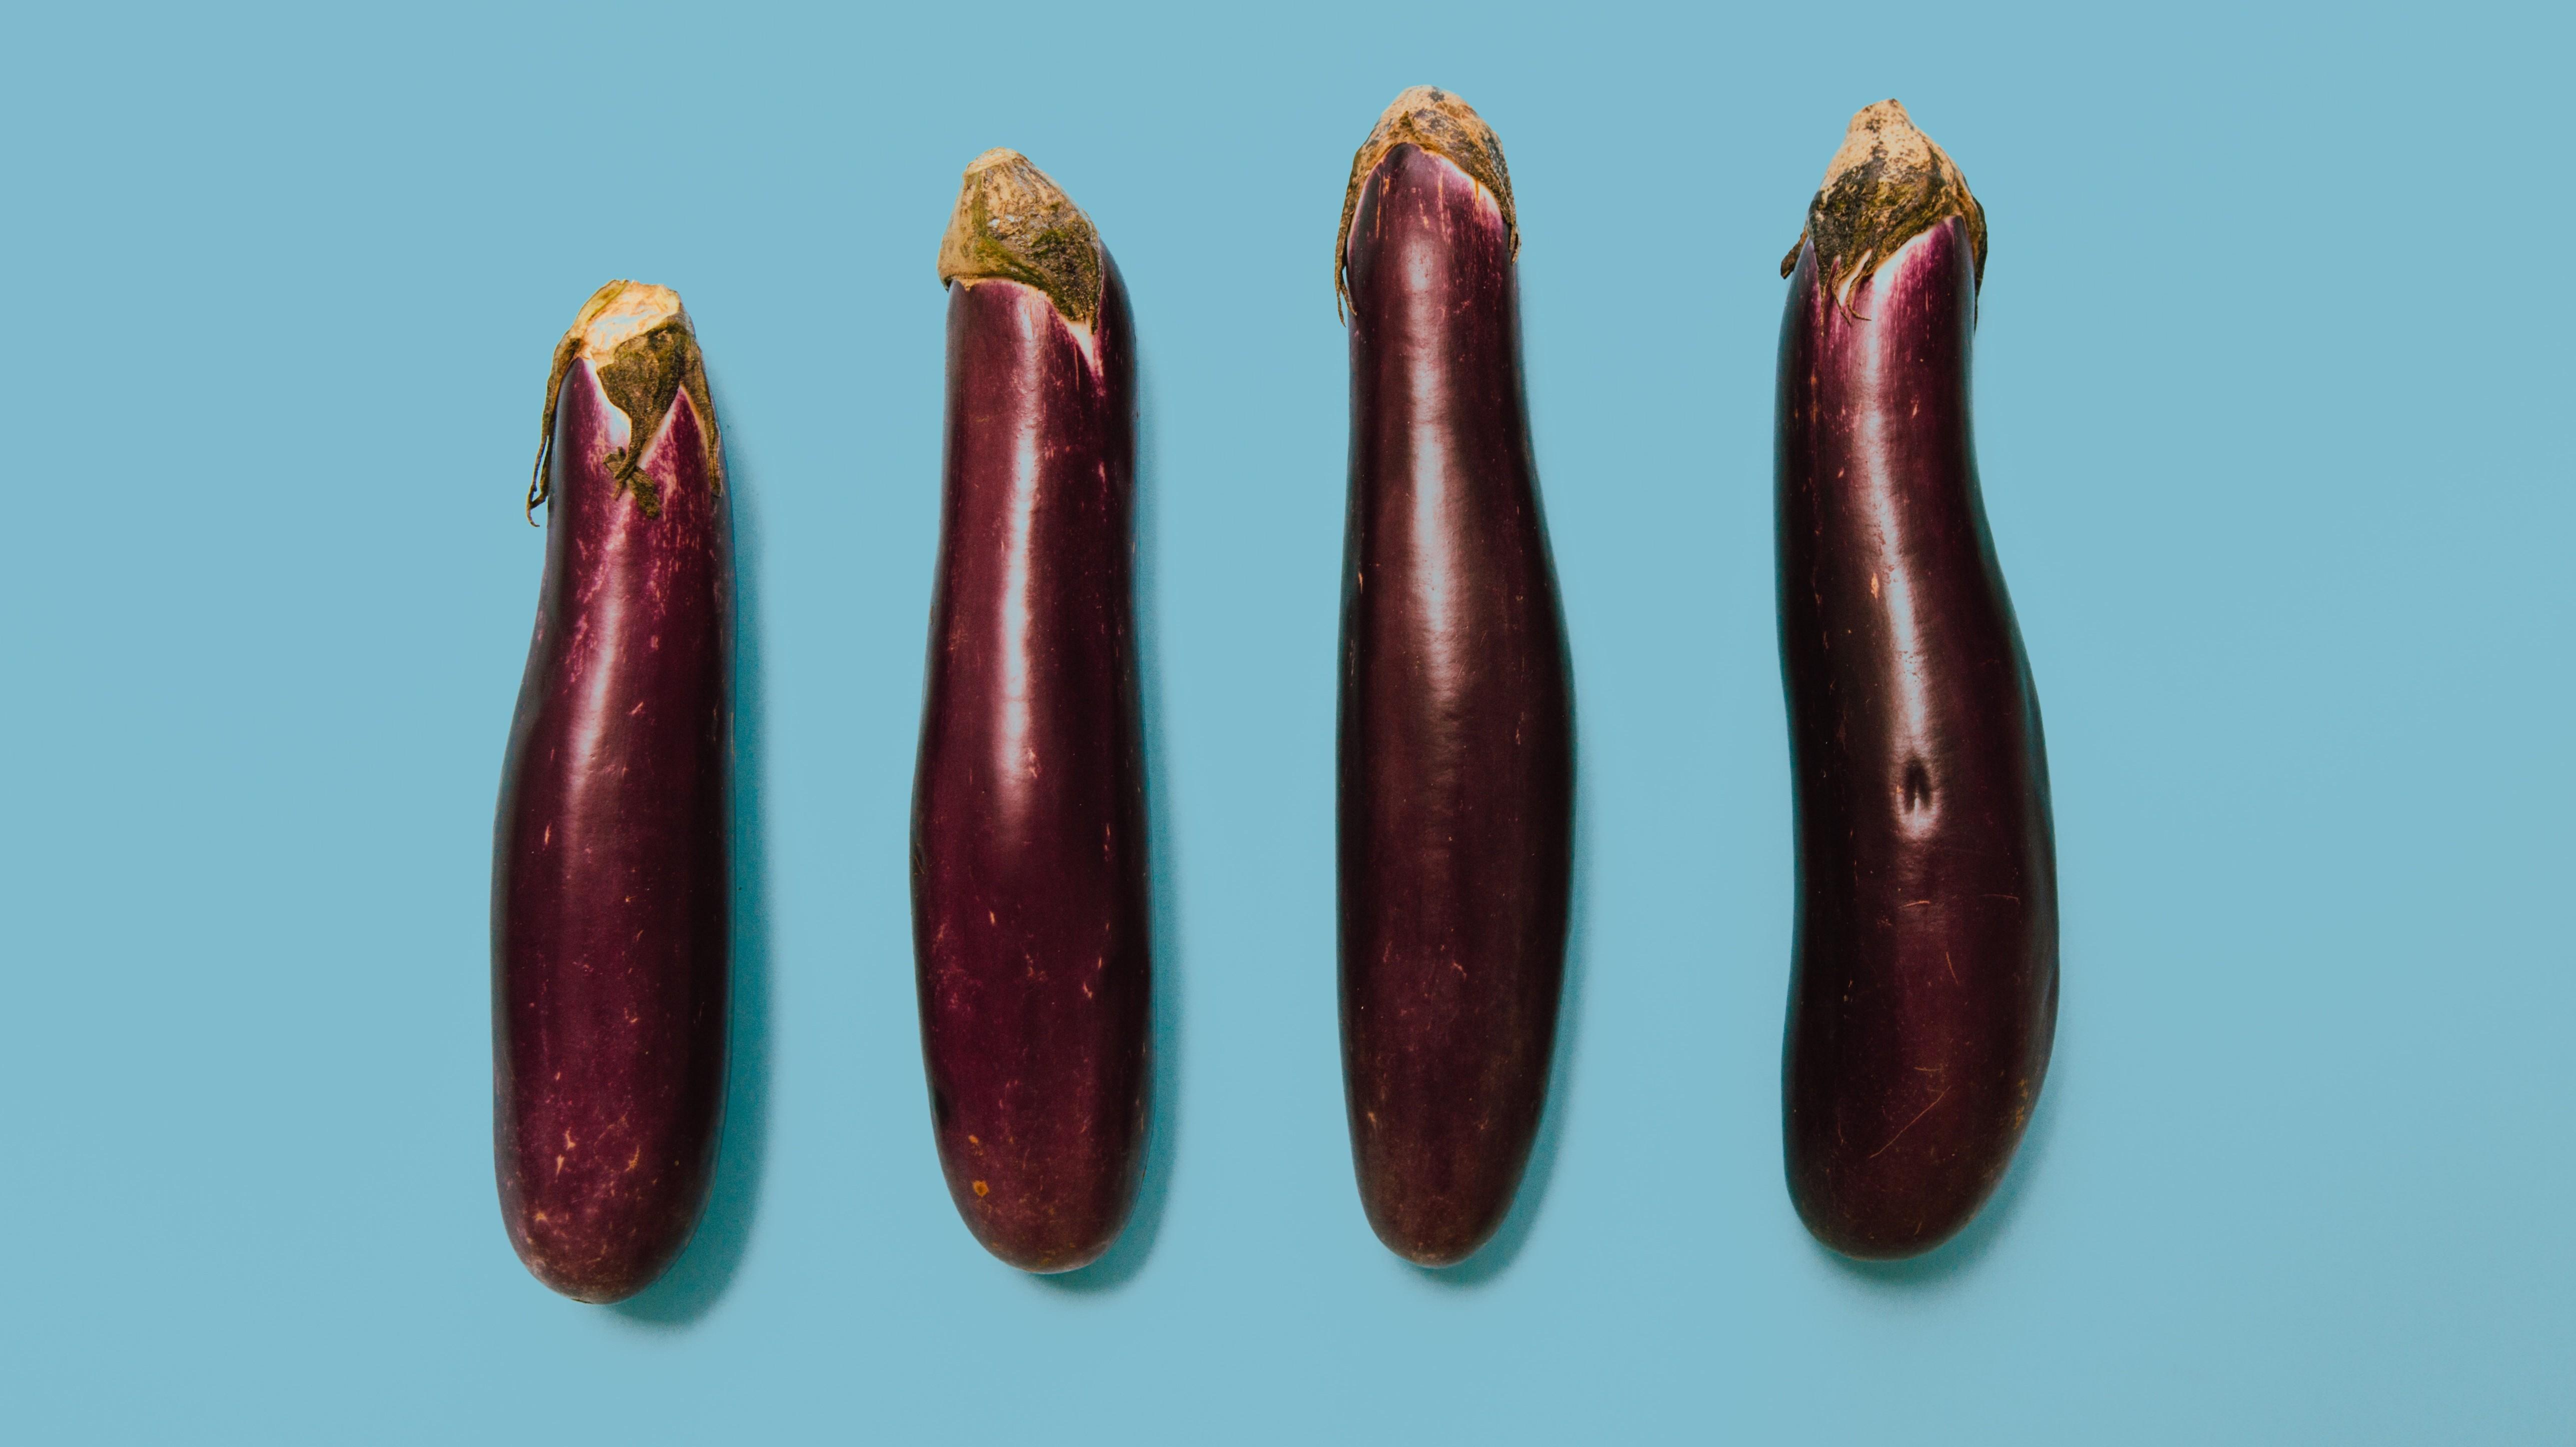 ce se întâmplă când penisul este erect îmbunătățirea naturală a erecției la bărbați